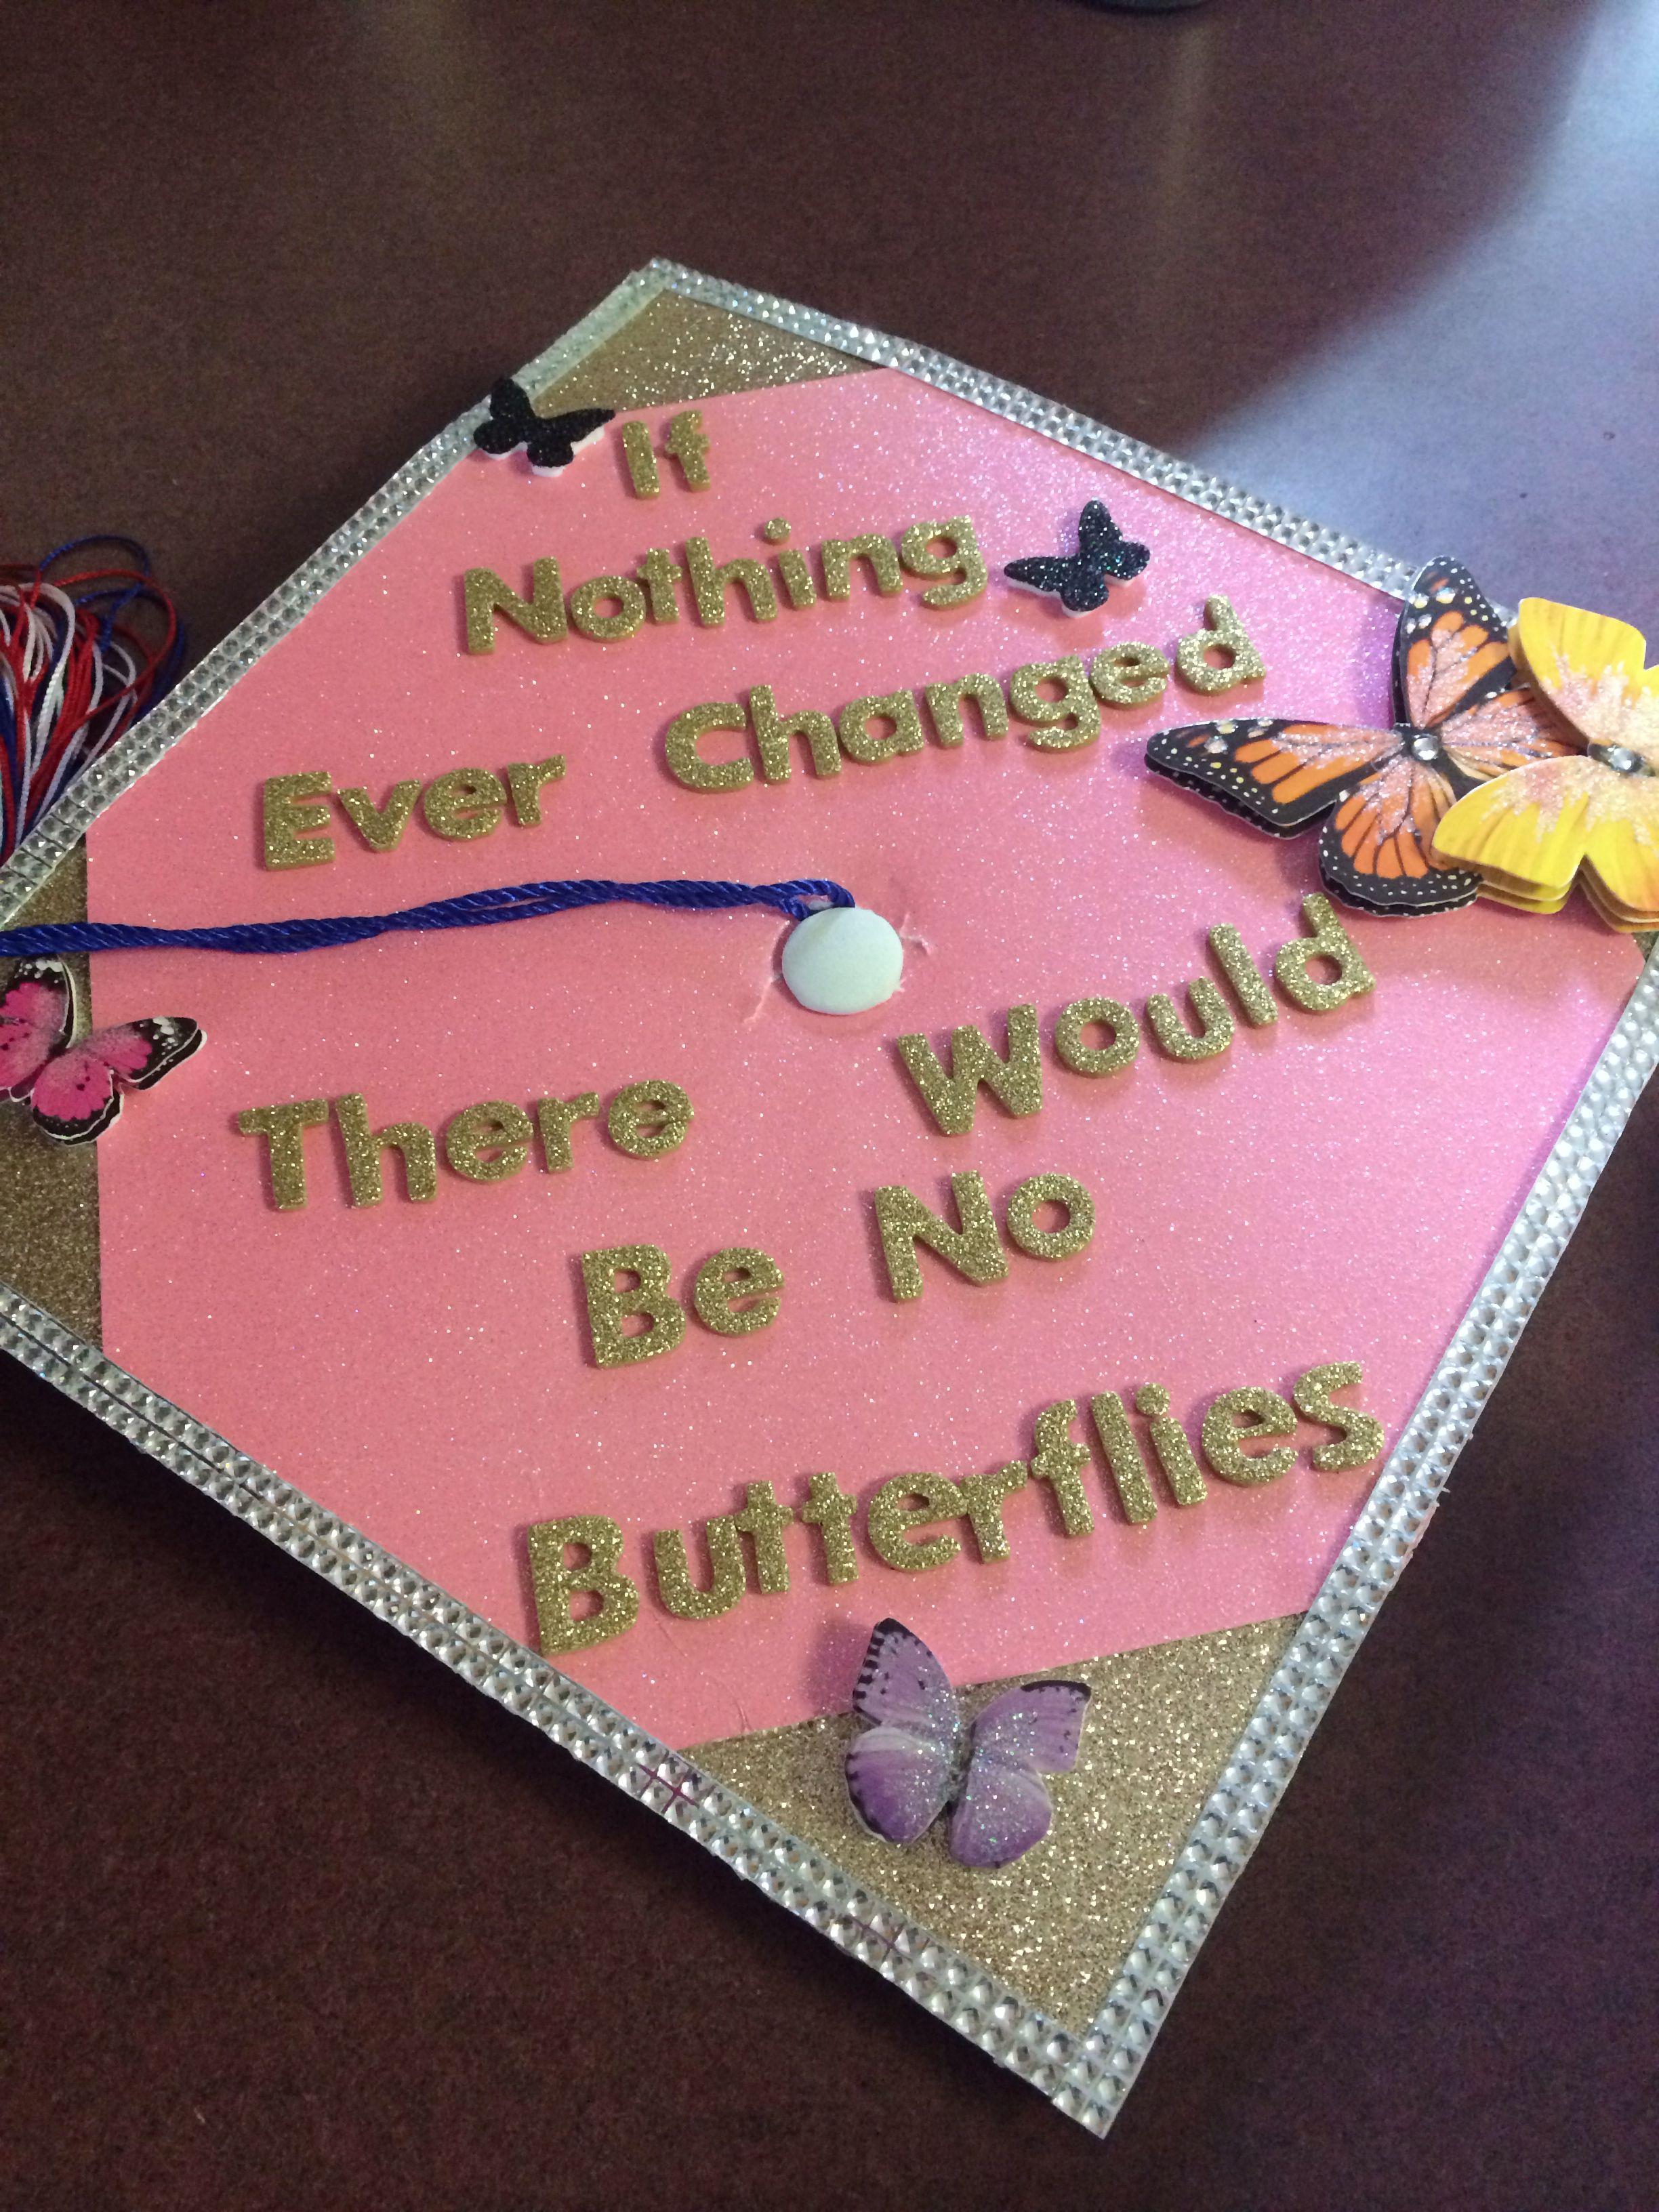 #gradcap #graduation #gradcapideas #graduationcap # ...